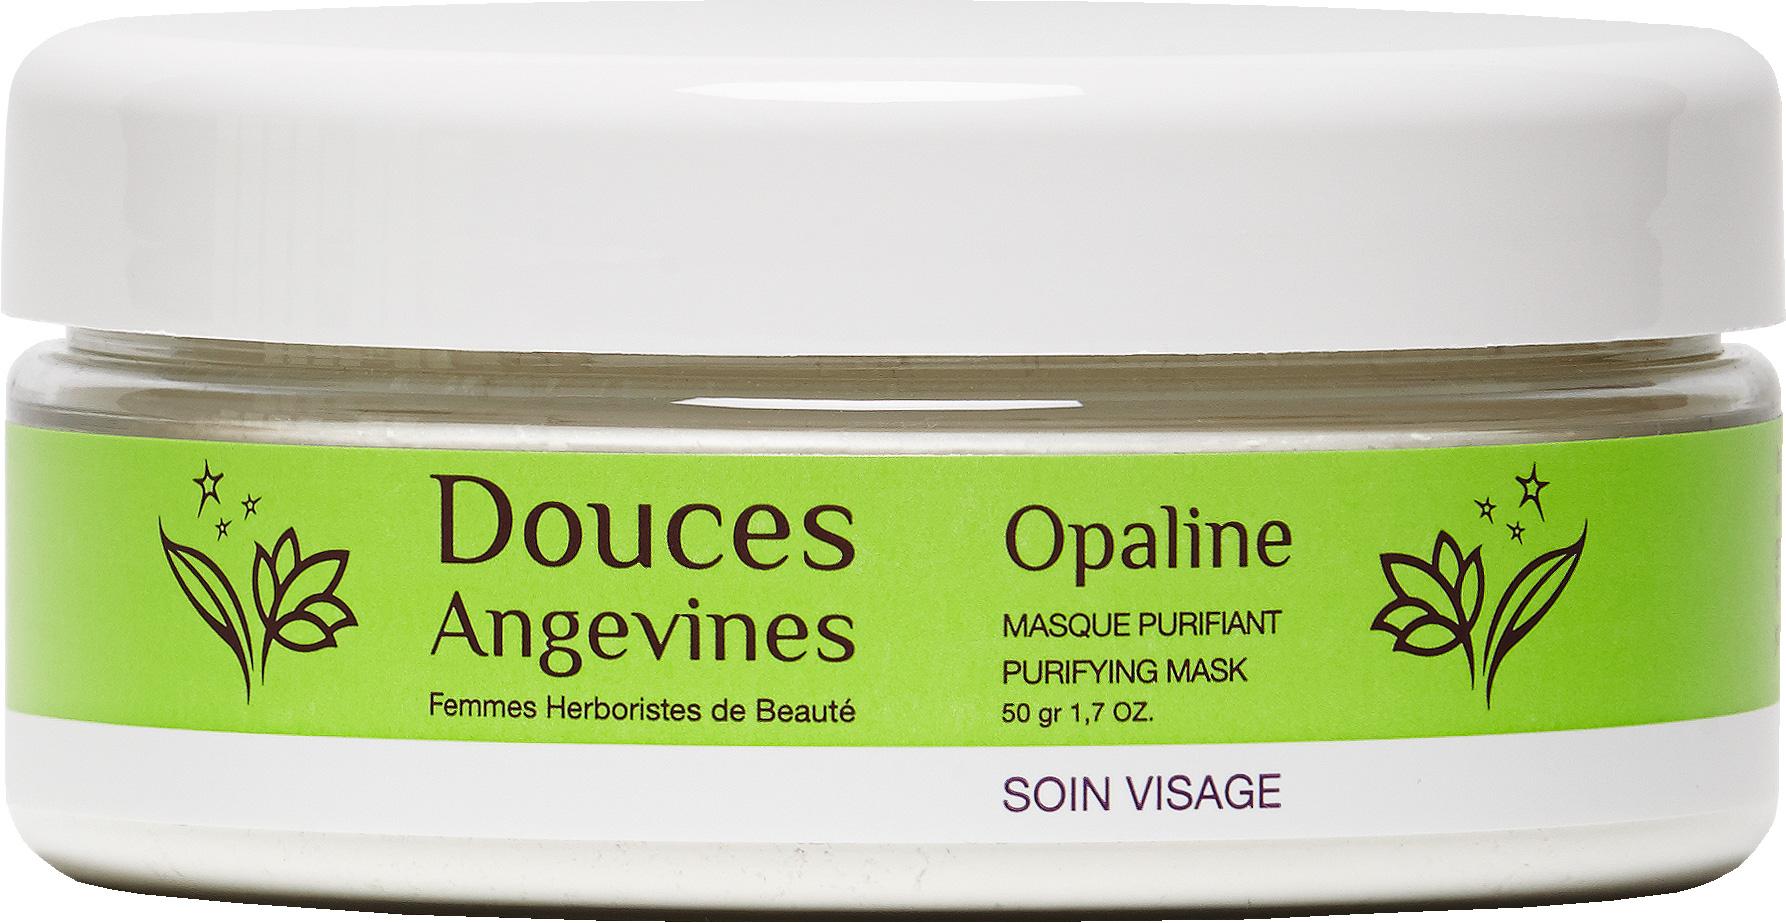 Douces Angevines - Opaline, masque poudre purifiant visage a composer